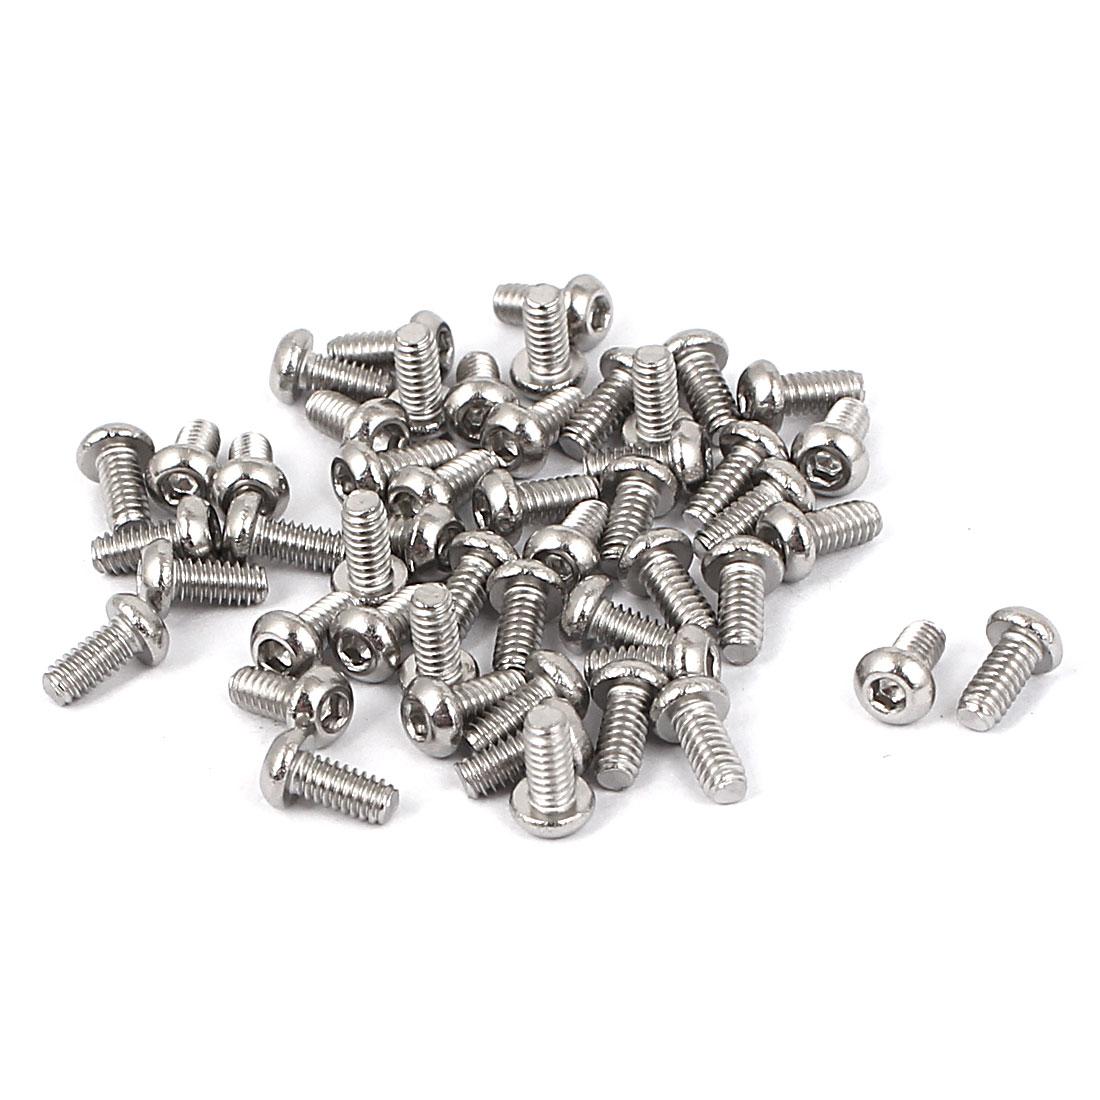 M2 x 4mm Full Thread Button Head Socket Cap Screw Silver Tone 50 Pcs